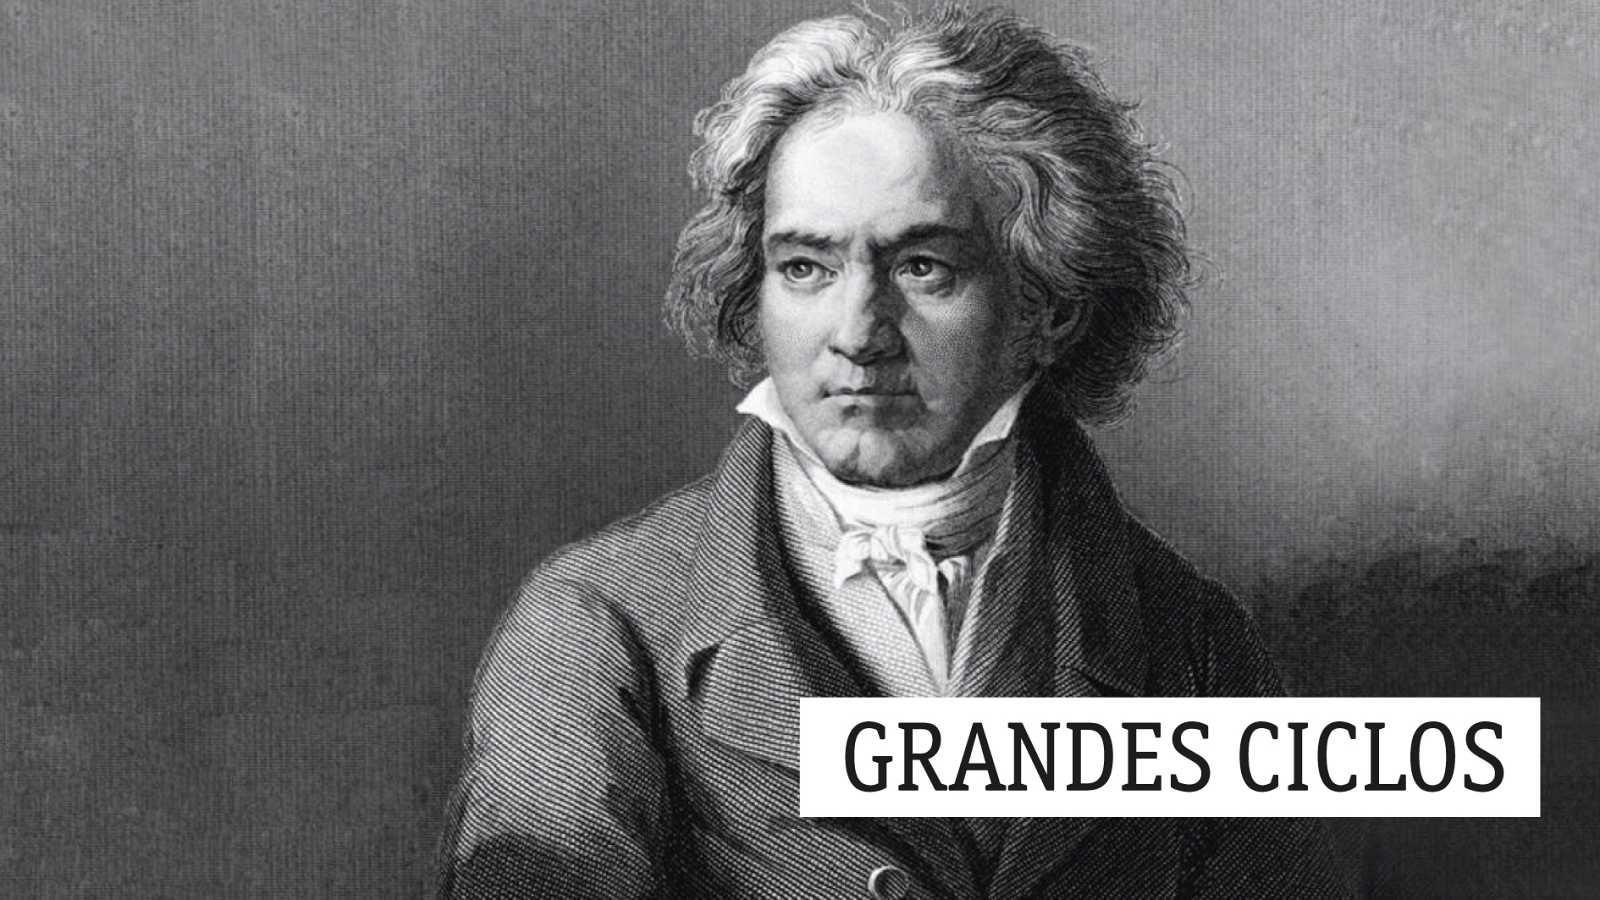 Grandes ciclos - L. van Beethoven (CXIV): Cristo en el monte de los olivos (II): El héroe - 30/10/20 - escuchar ahora